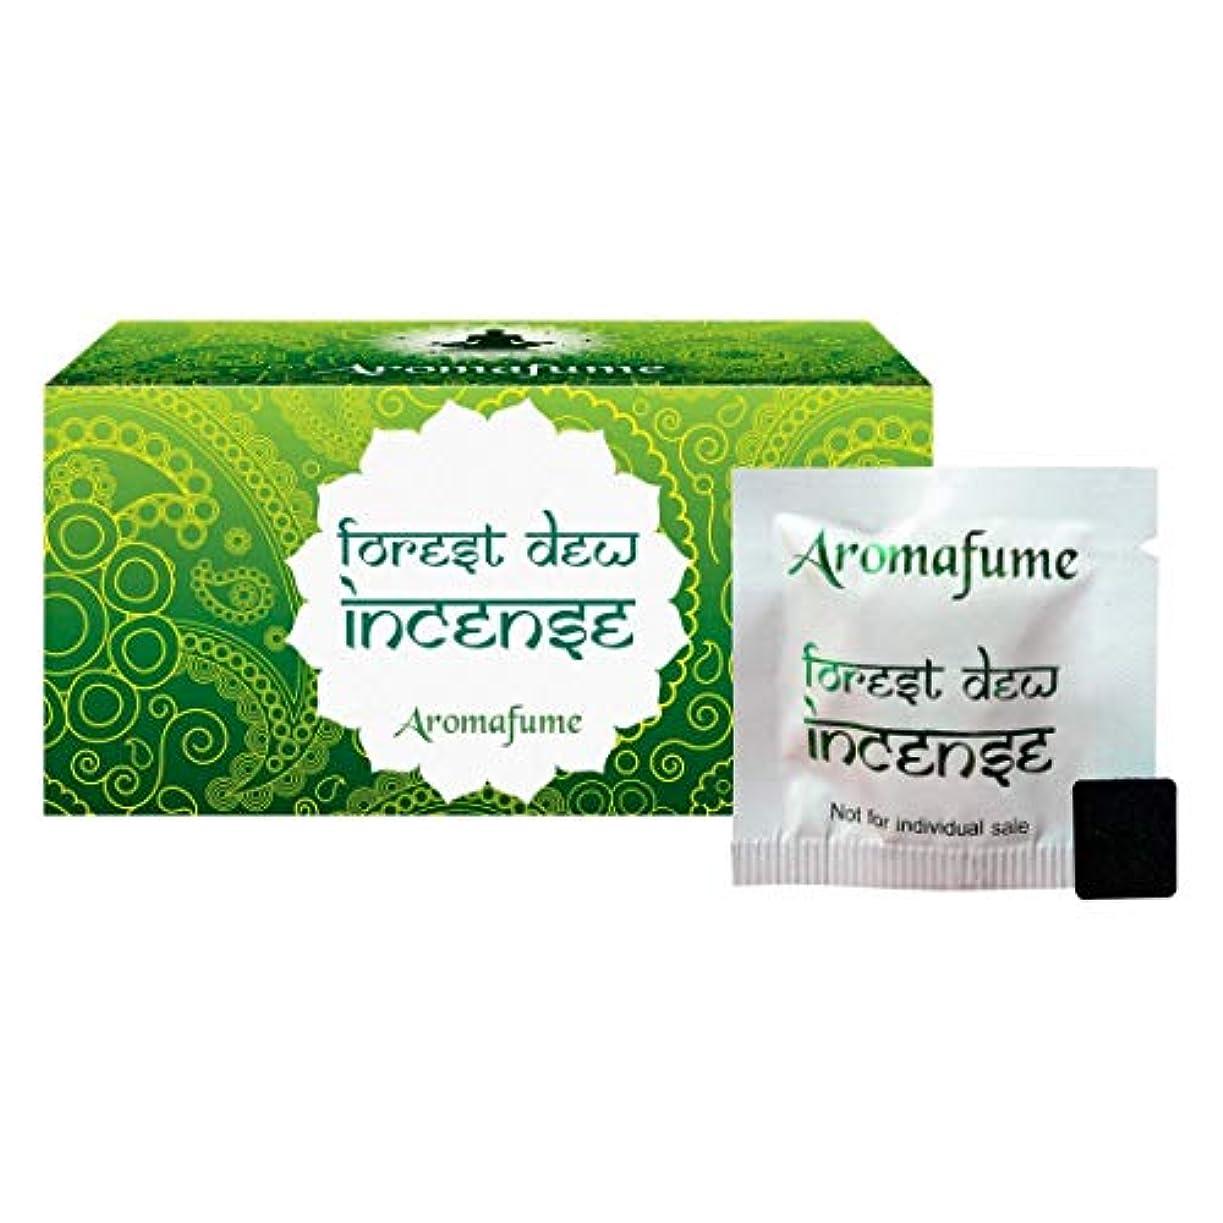 雑草安いです永続Aromafume Forest Dew Incense Bricks (Medium)